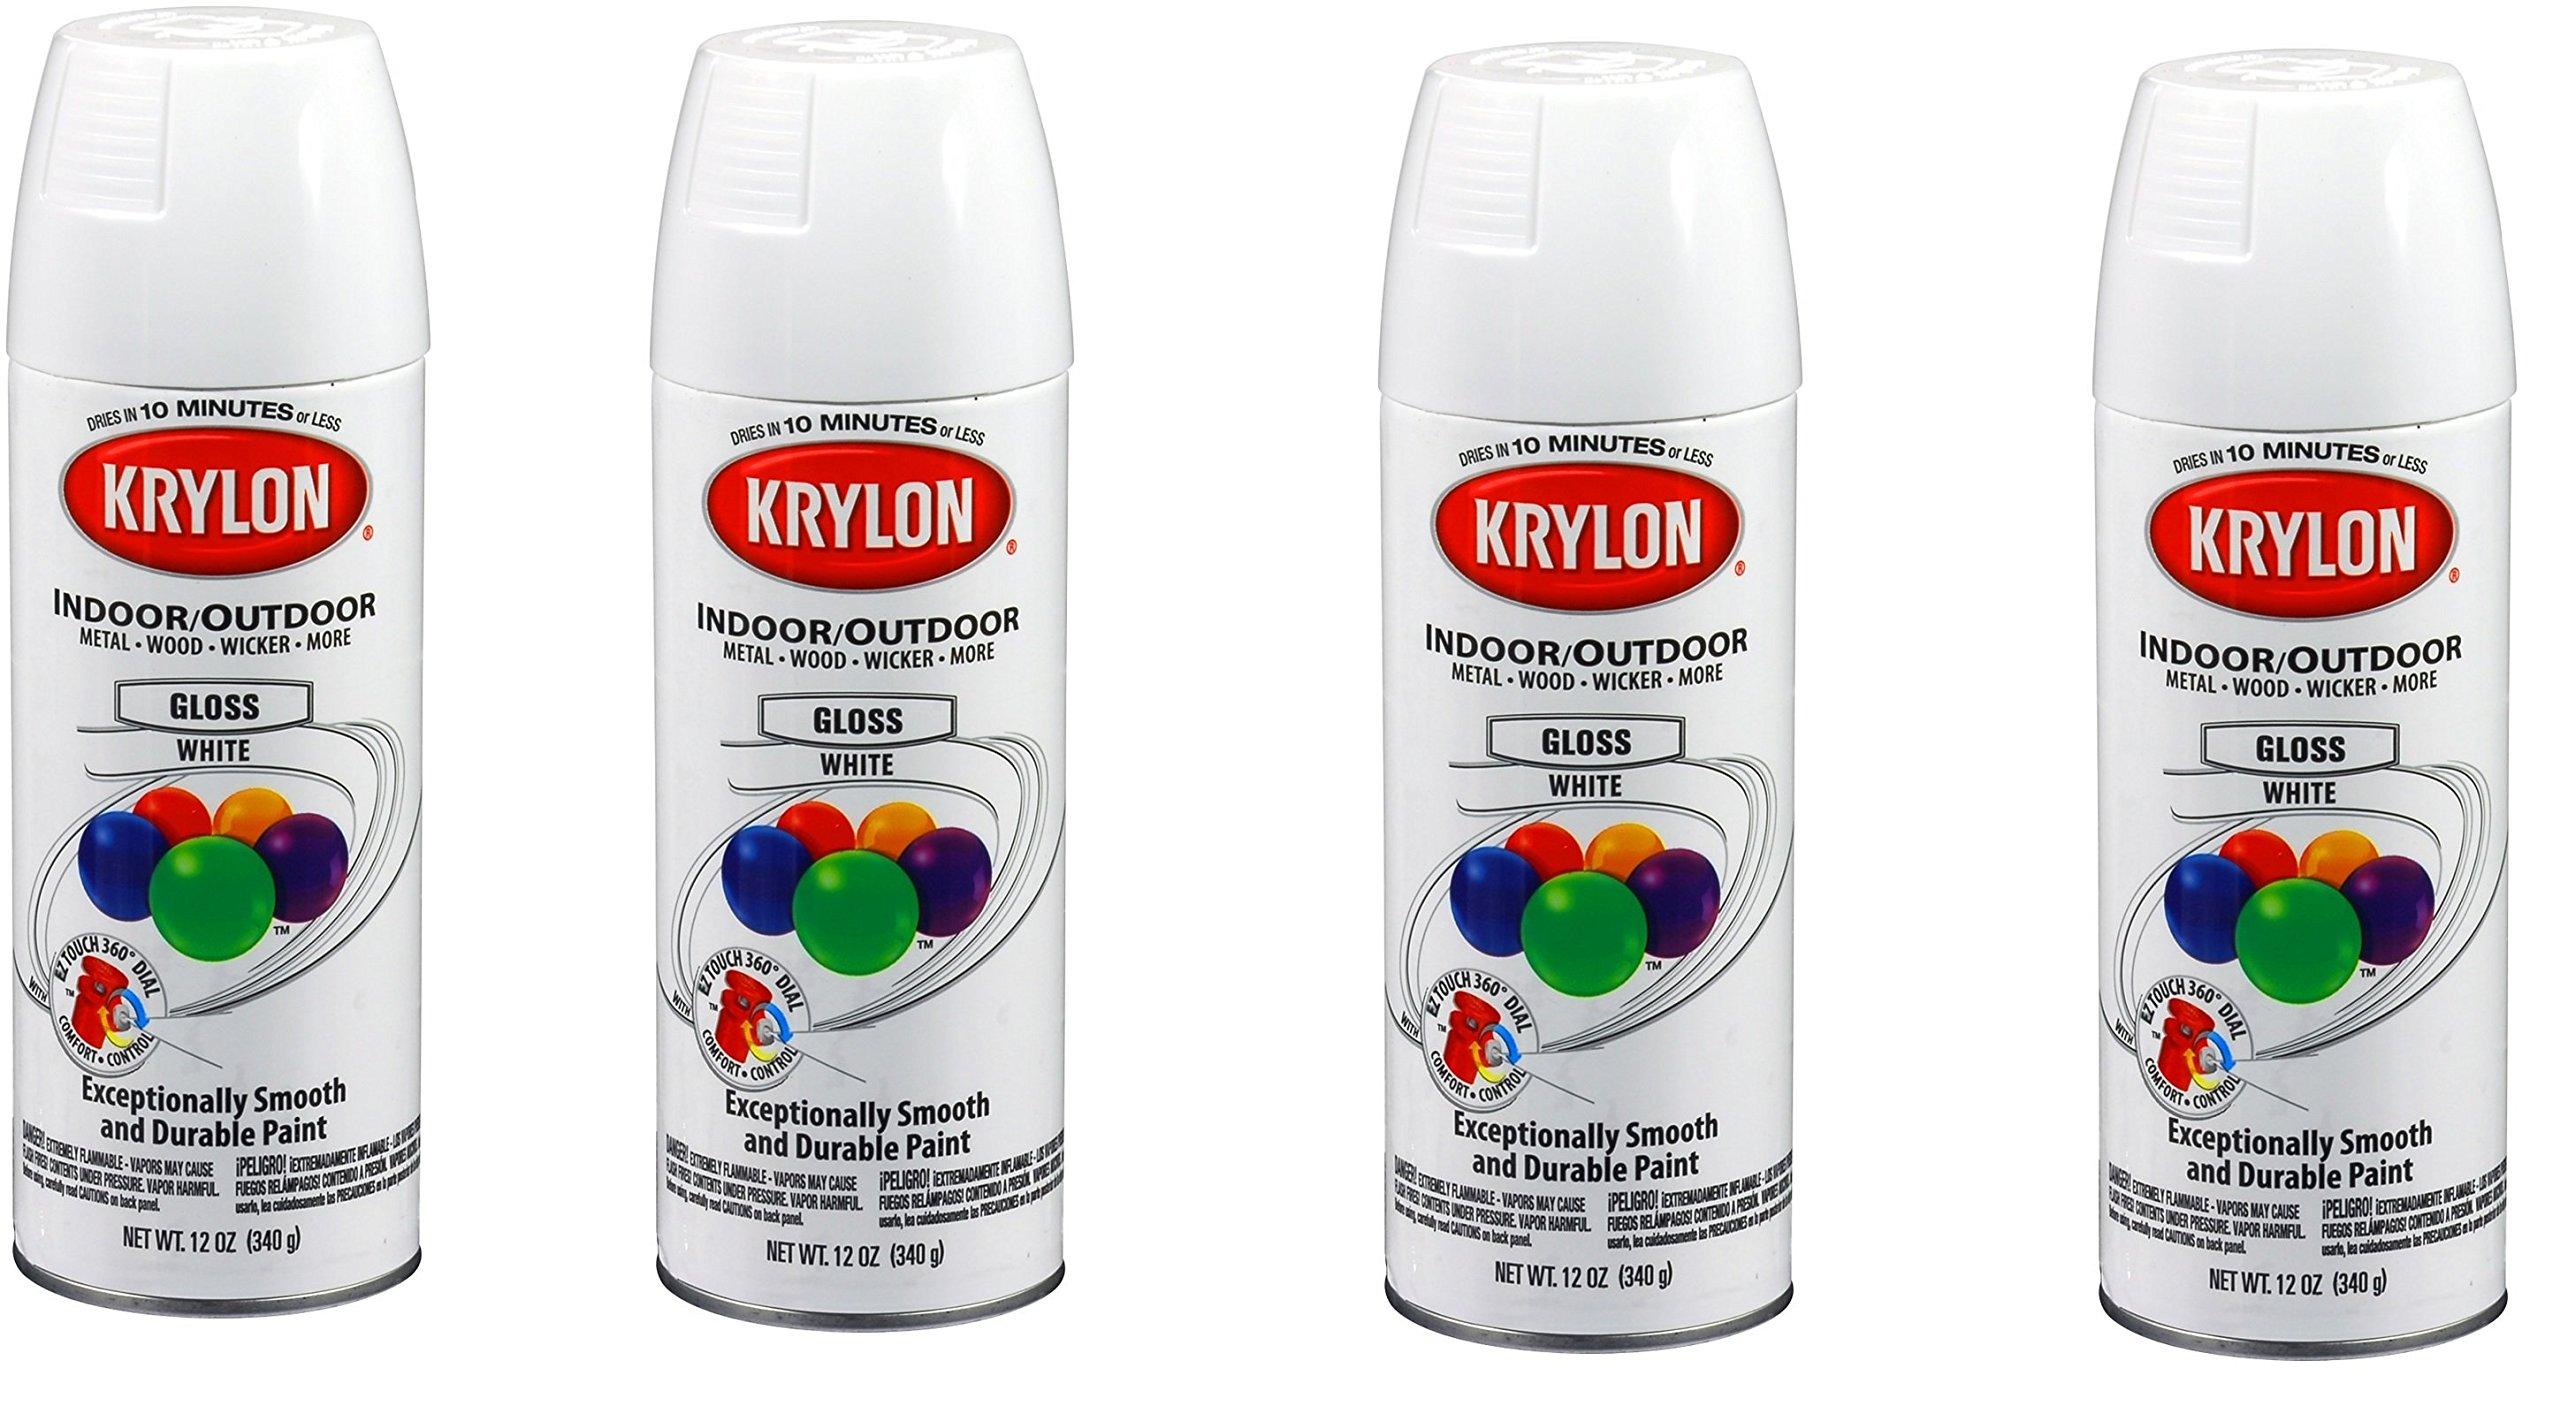 VHT/Duplicolor 51501 RV Trailer Camper Sealants Spray Paint Gloss White Prestone (4)